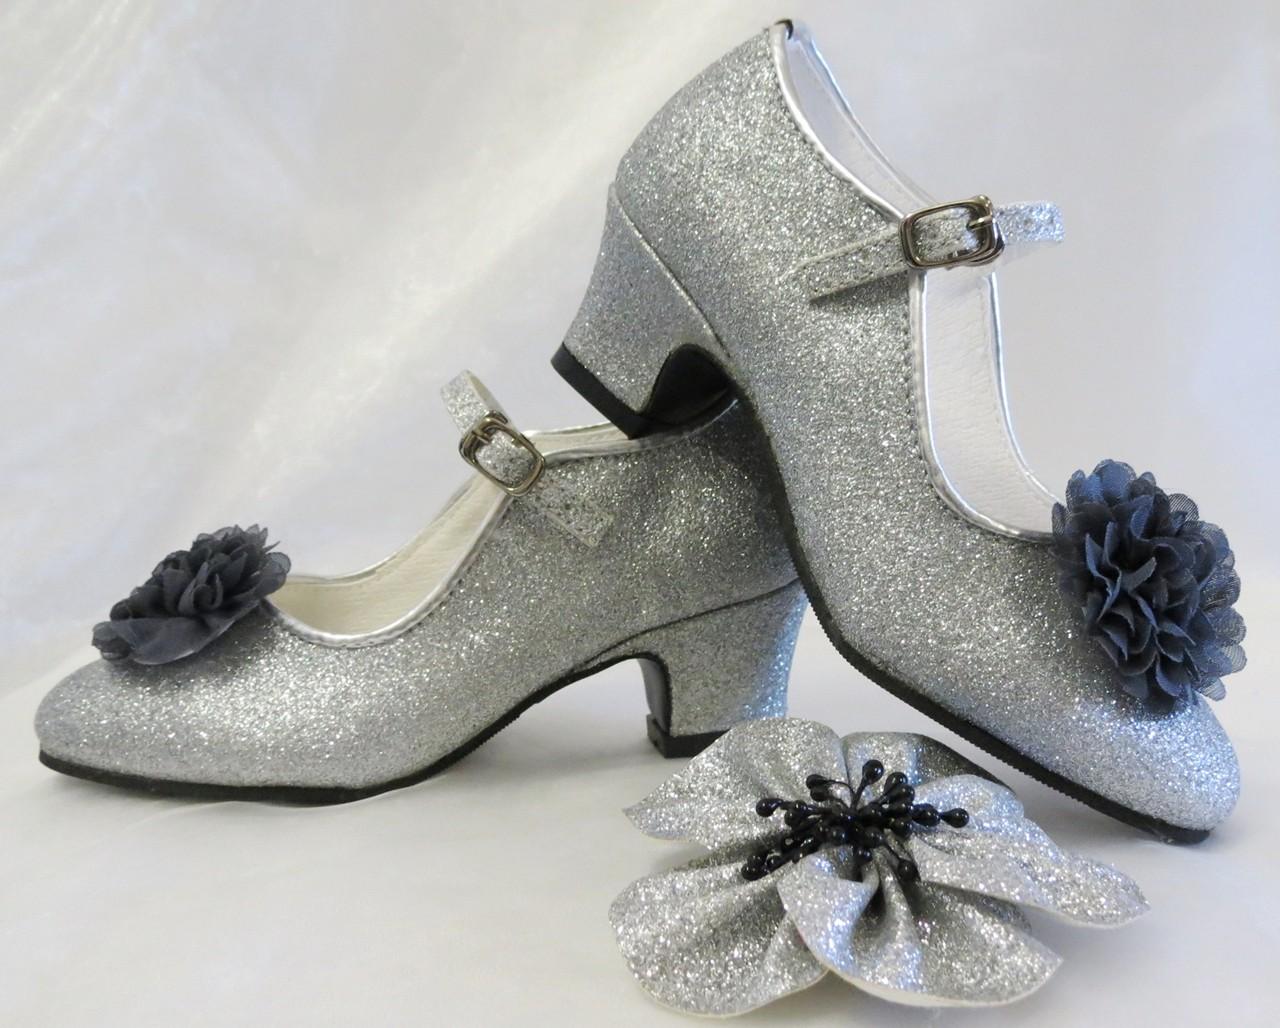 bf5a9ffab7c De Mooiste Spaanse Hak Schoenen in Zilver! Spaanse Hak Schoentjes met  Klik-Gesp en BloemBroche!